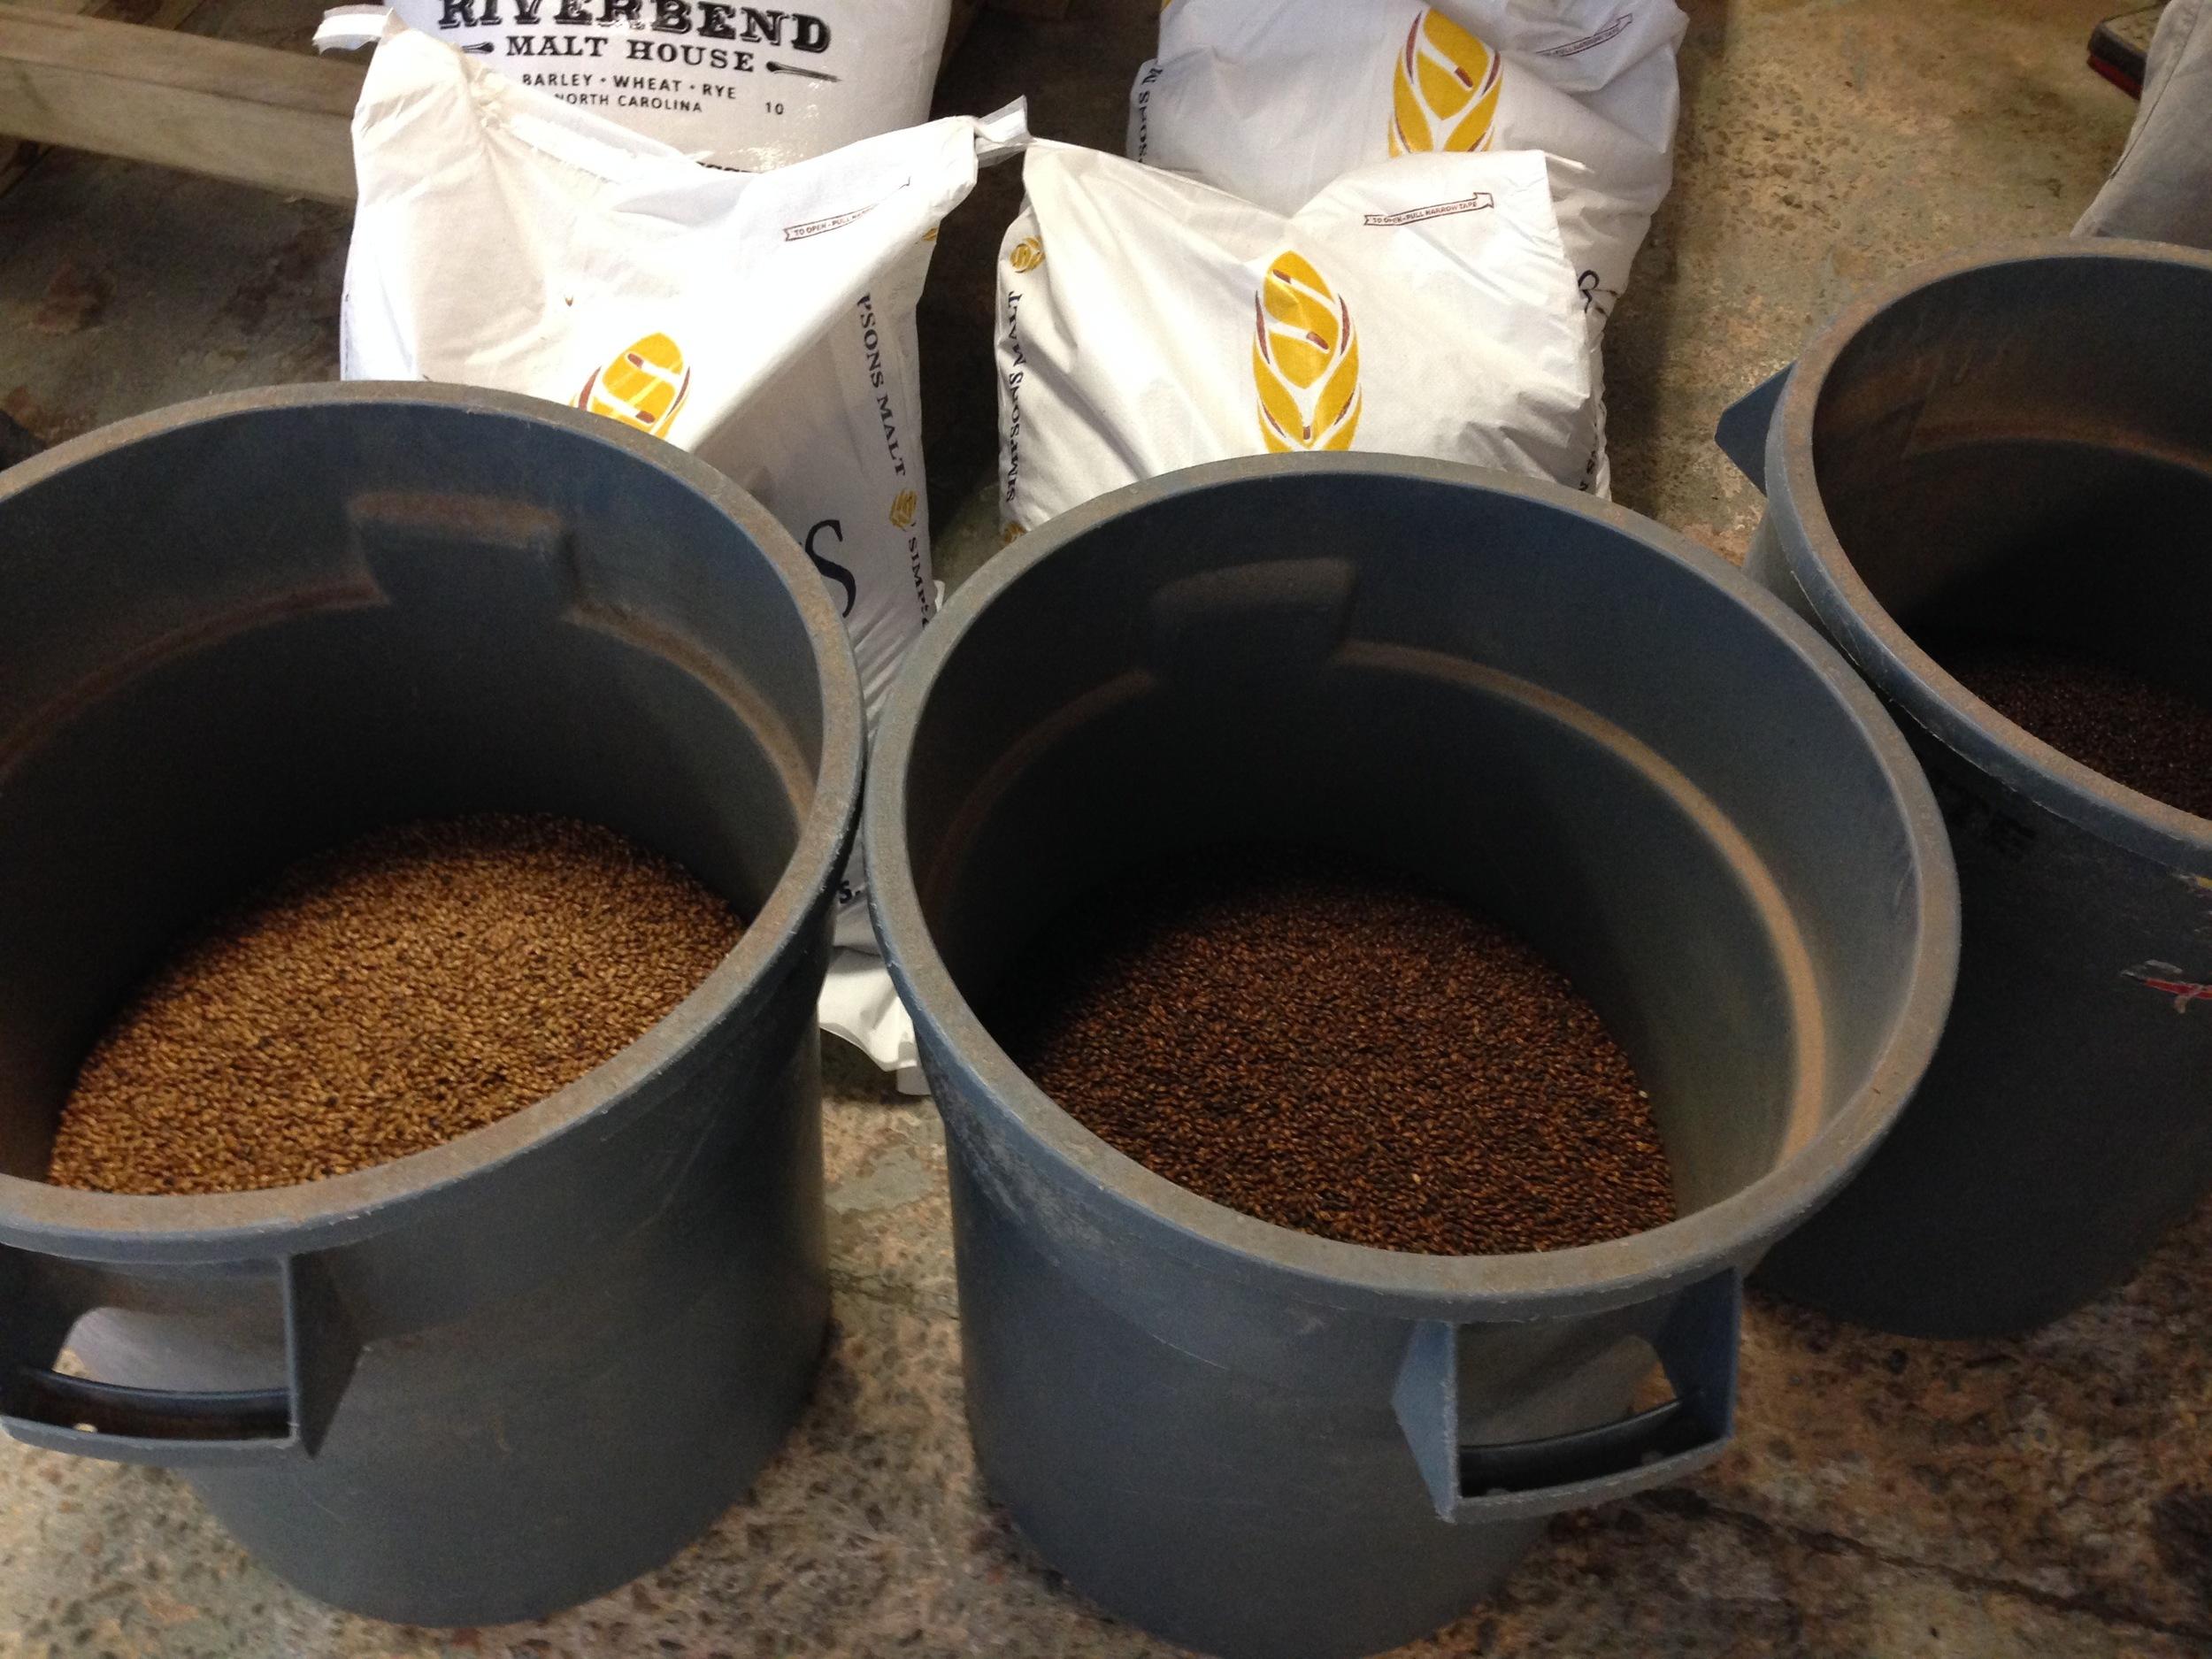 Grain & malt